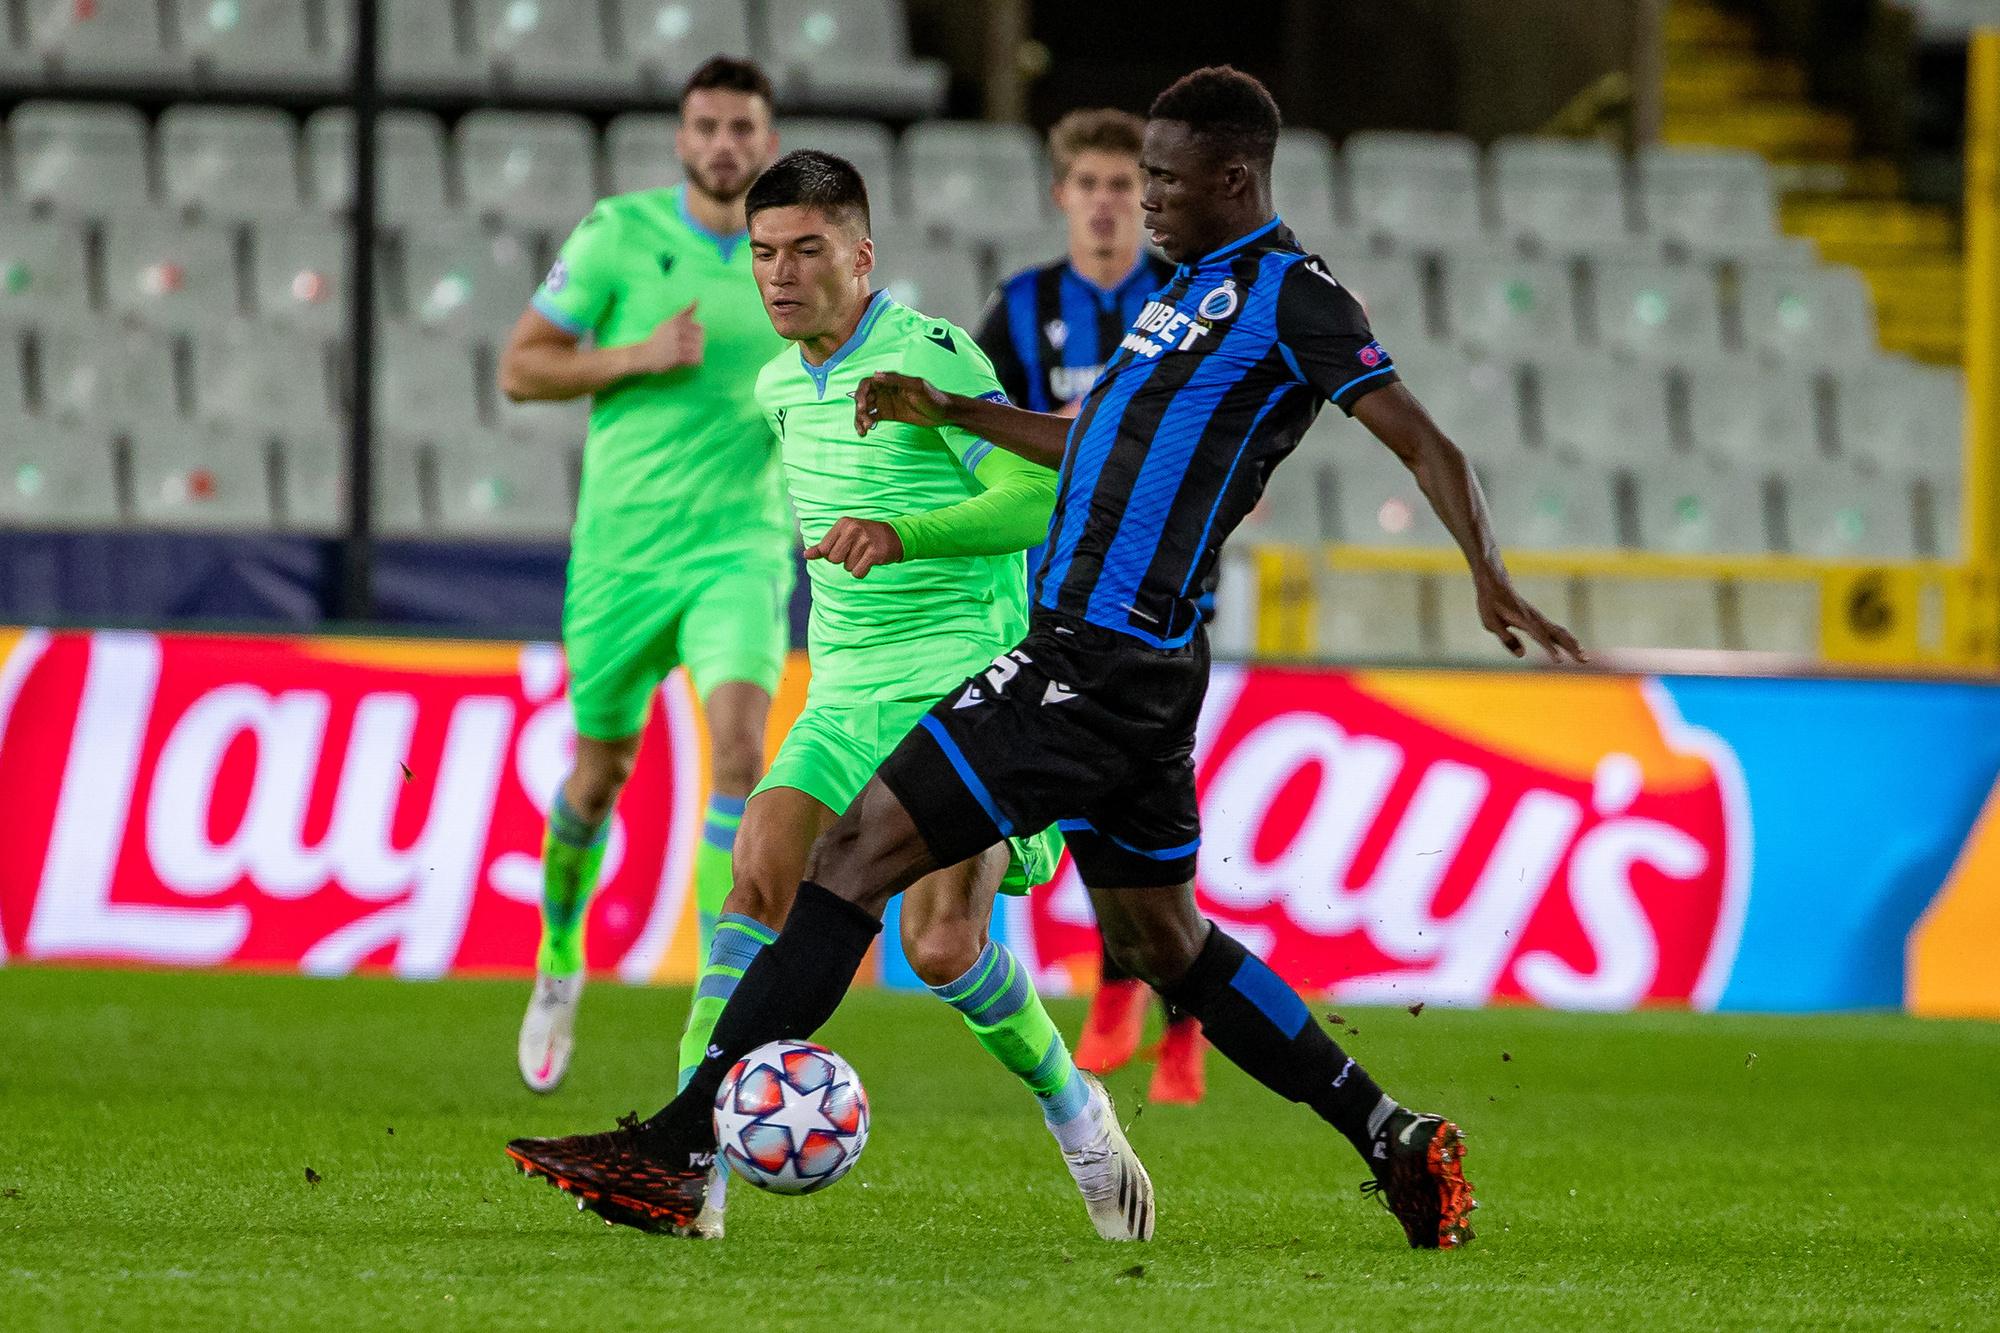 Kan Club vanavond winnen op het veld van Lazio?, Belga Image